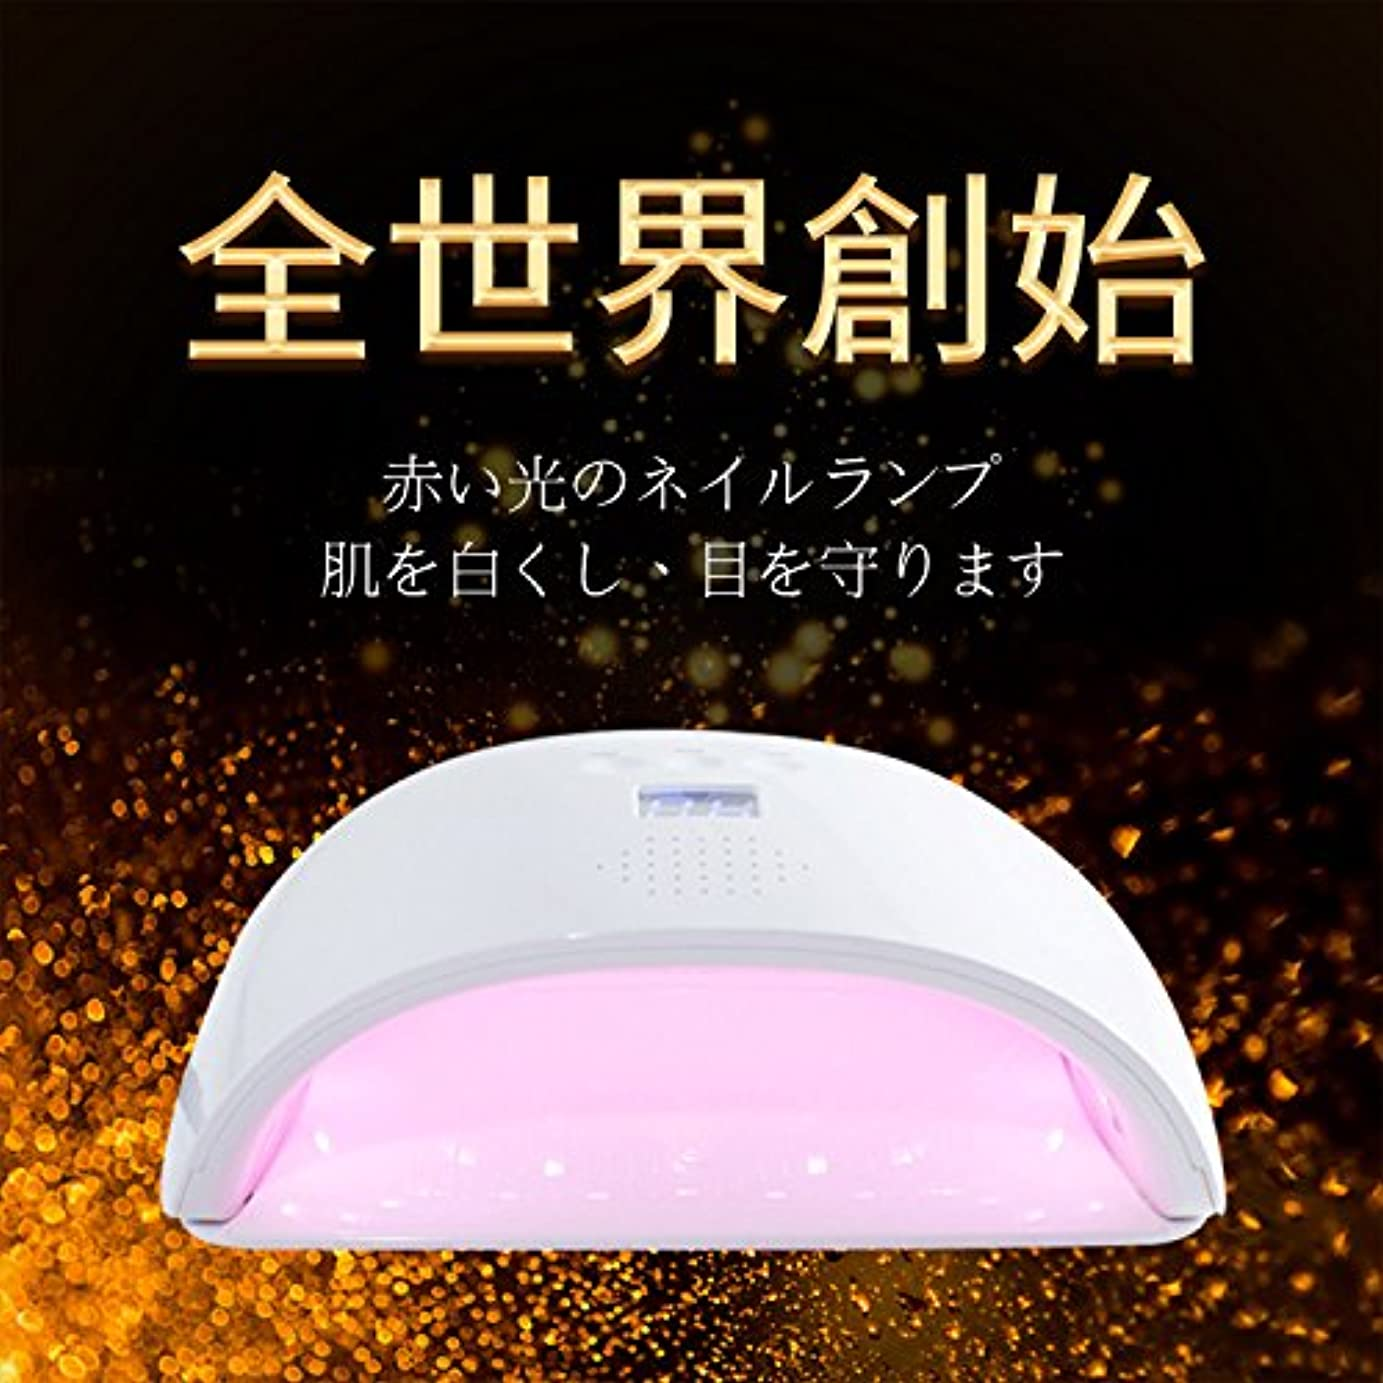 配分袋トロリーHalicer 48W UV LED ネイルドライヤー 人感センサー 自動オンオフ 30S/60S/90Sタイマー設定 取り外し式 手と足両用 22粒UV LDEダブルライト